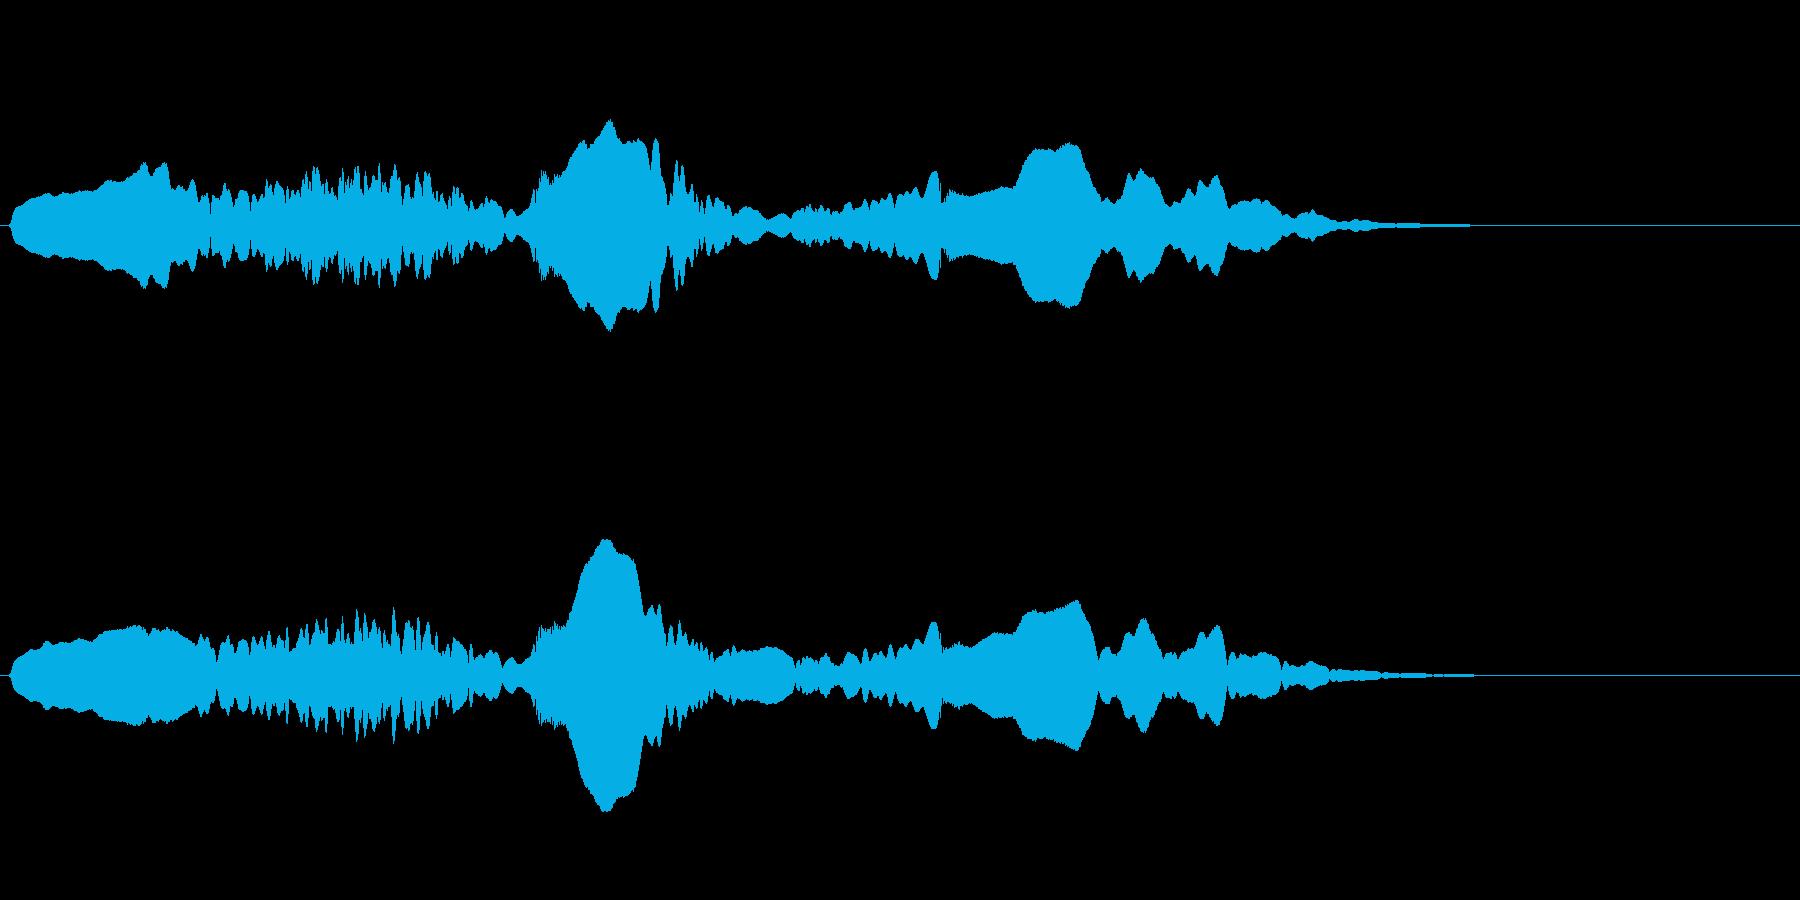 尺八 生演奏 古典風#11の再生済みの波形